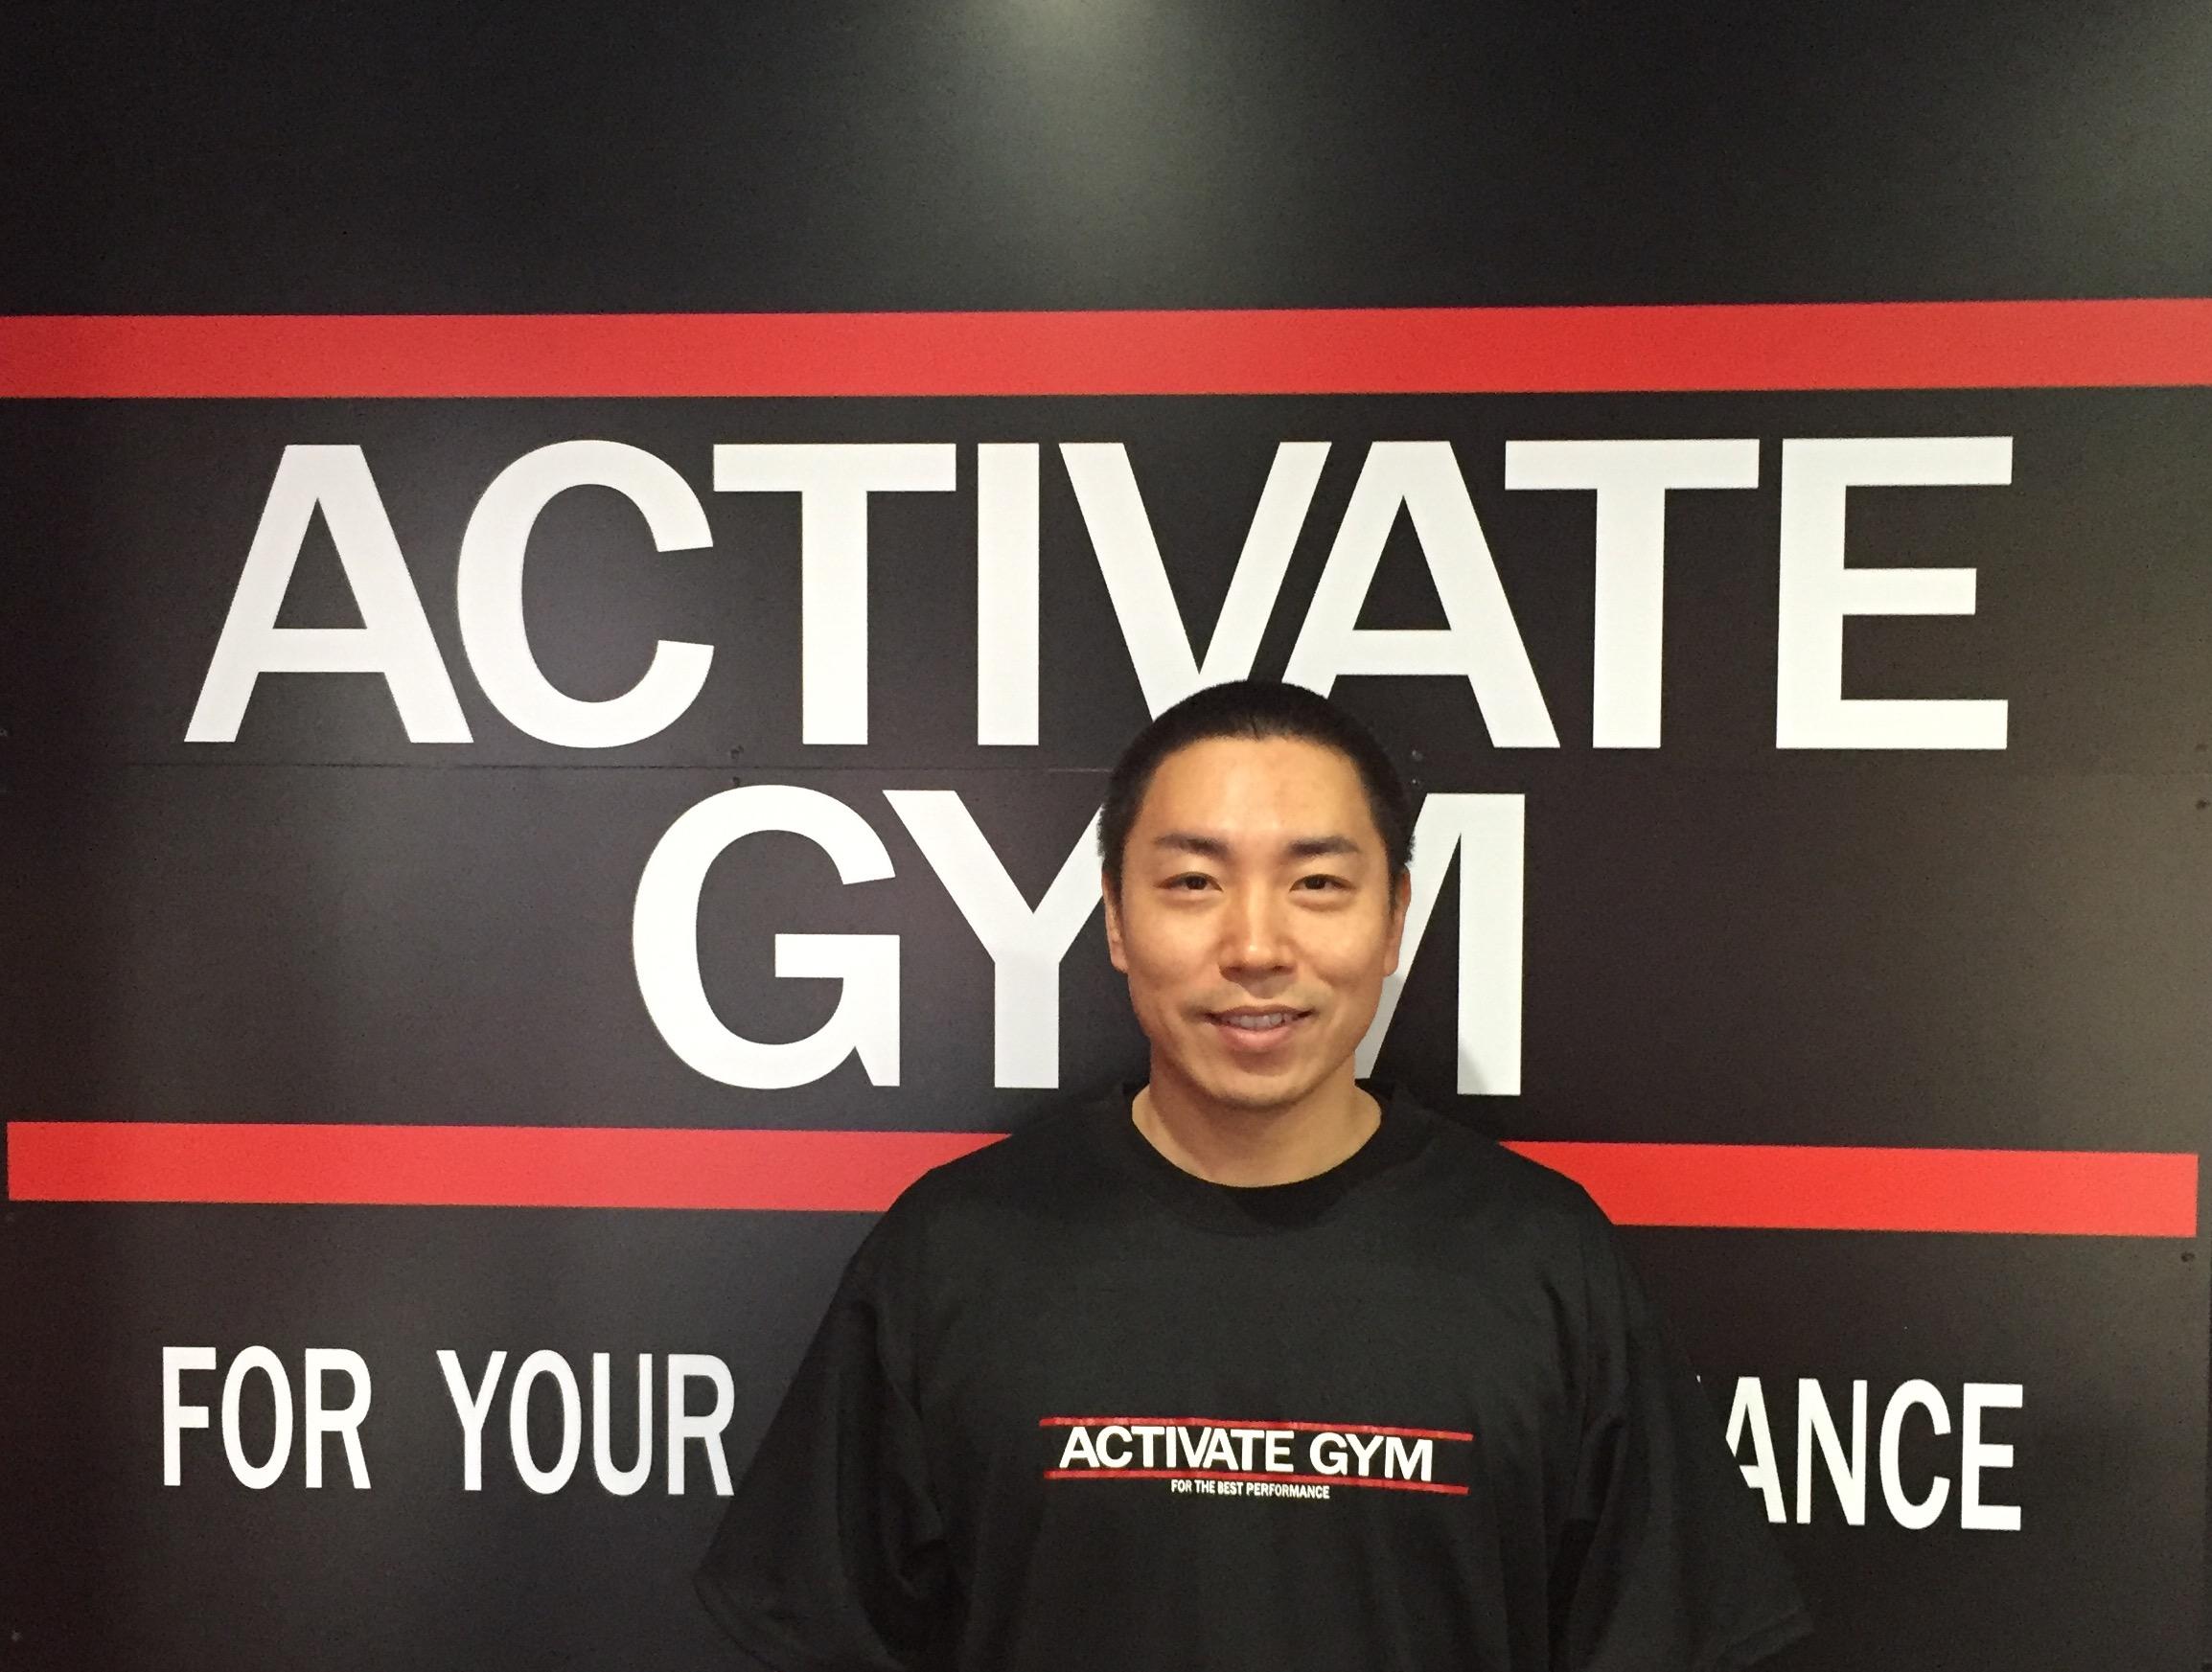 トレーナー activate gym 静岡県浜松市中区のパーソナルトレーニングジム